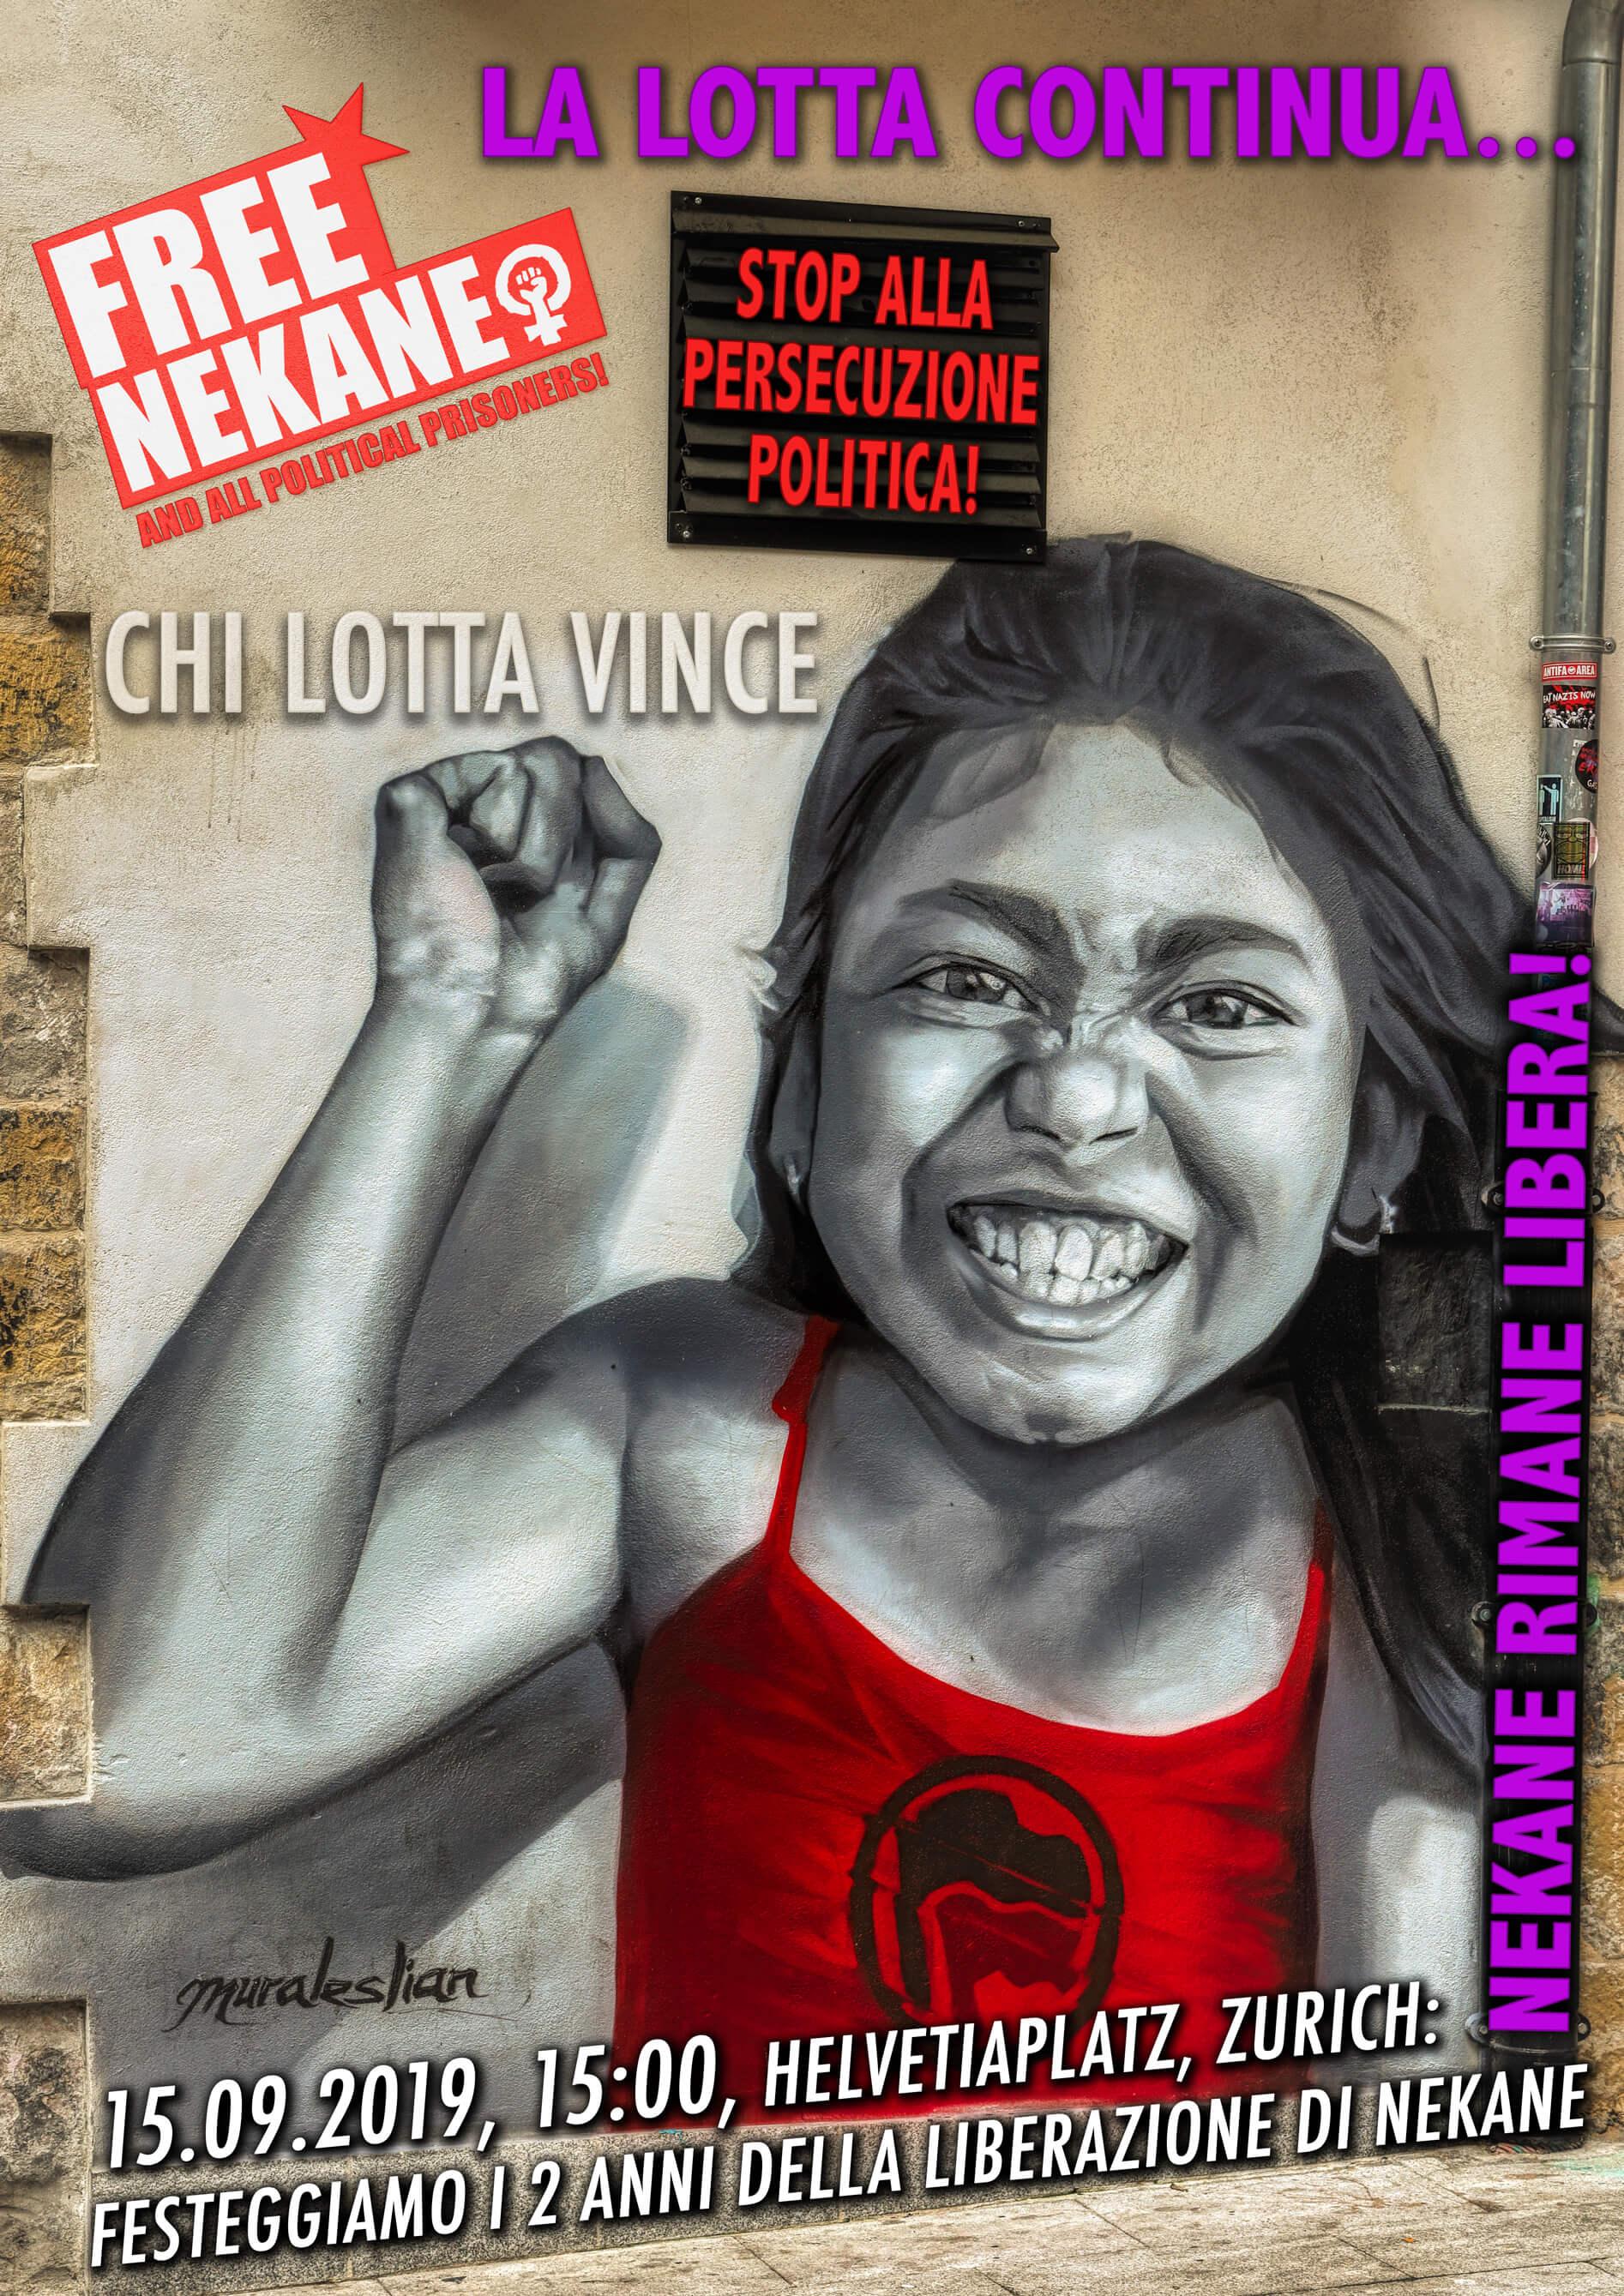 15-09-2019 - Festeggiamo 2 anni della liberazione di Nekane a Zurigo 1